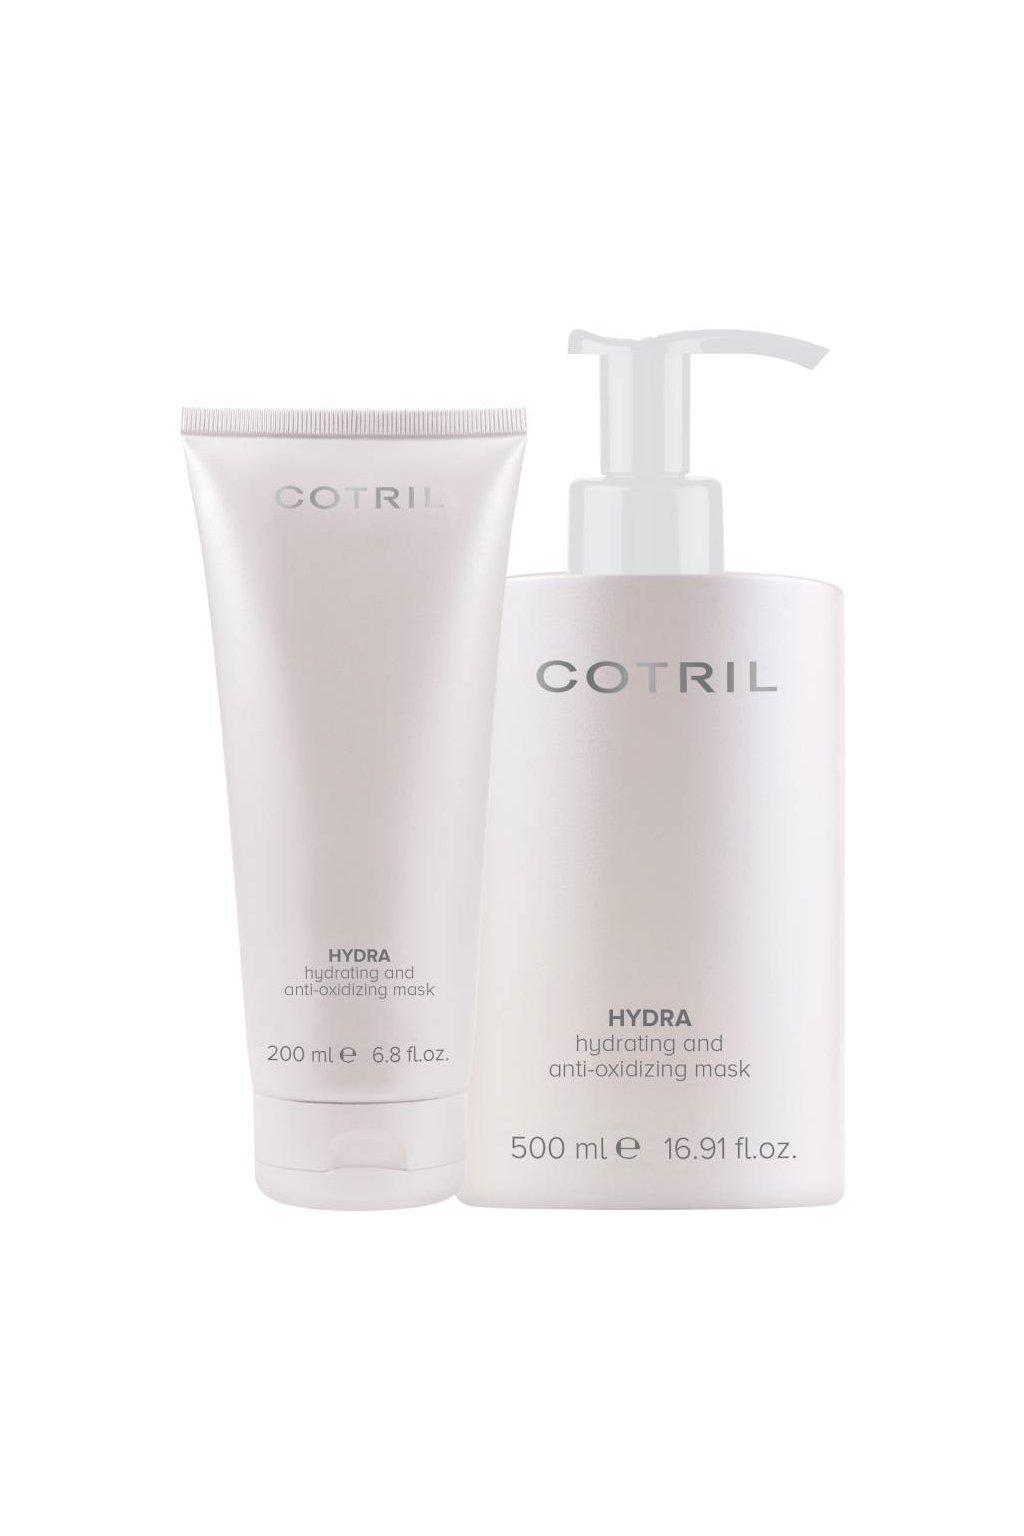 Cotril HYDRA Maska hydratační a antioxidační pro suché vlasy